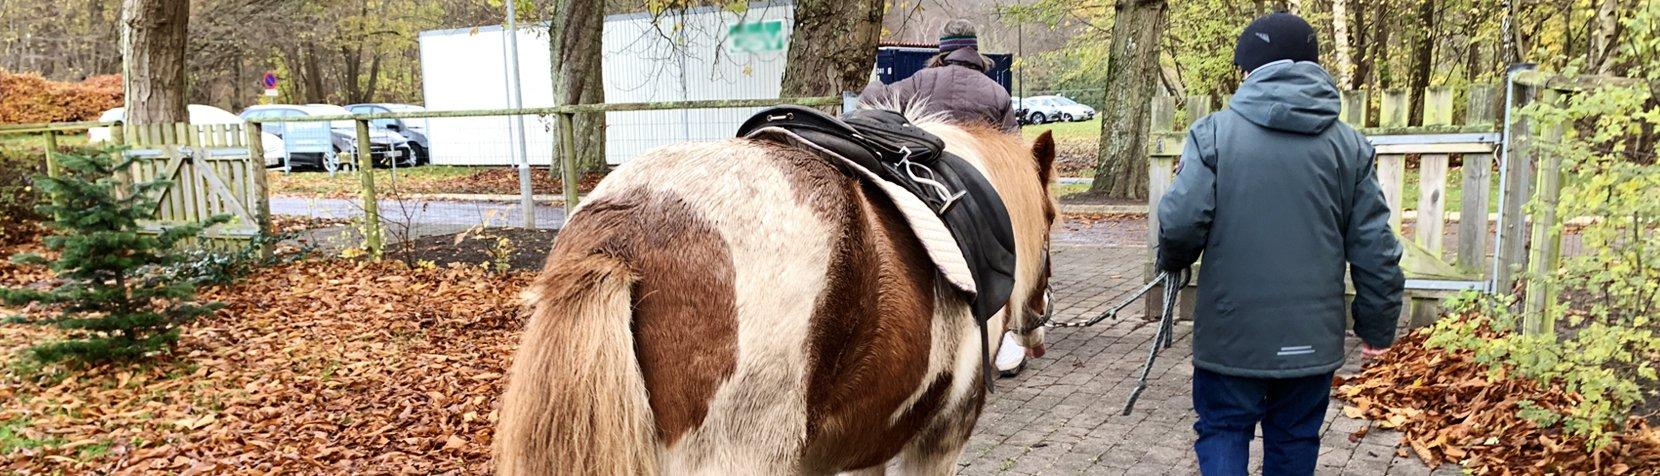 Rytteren går ved siden af den islandske hest